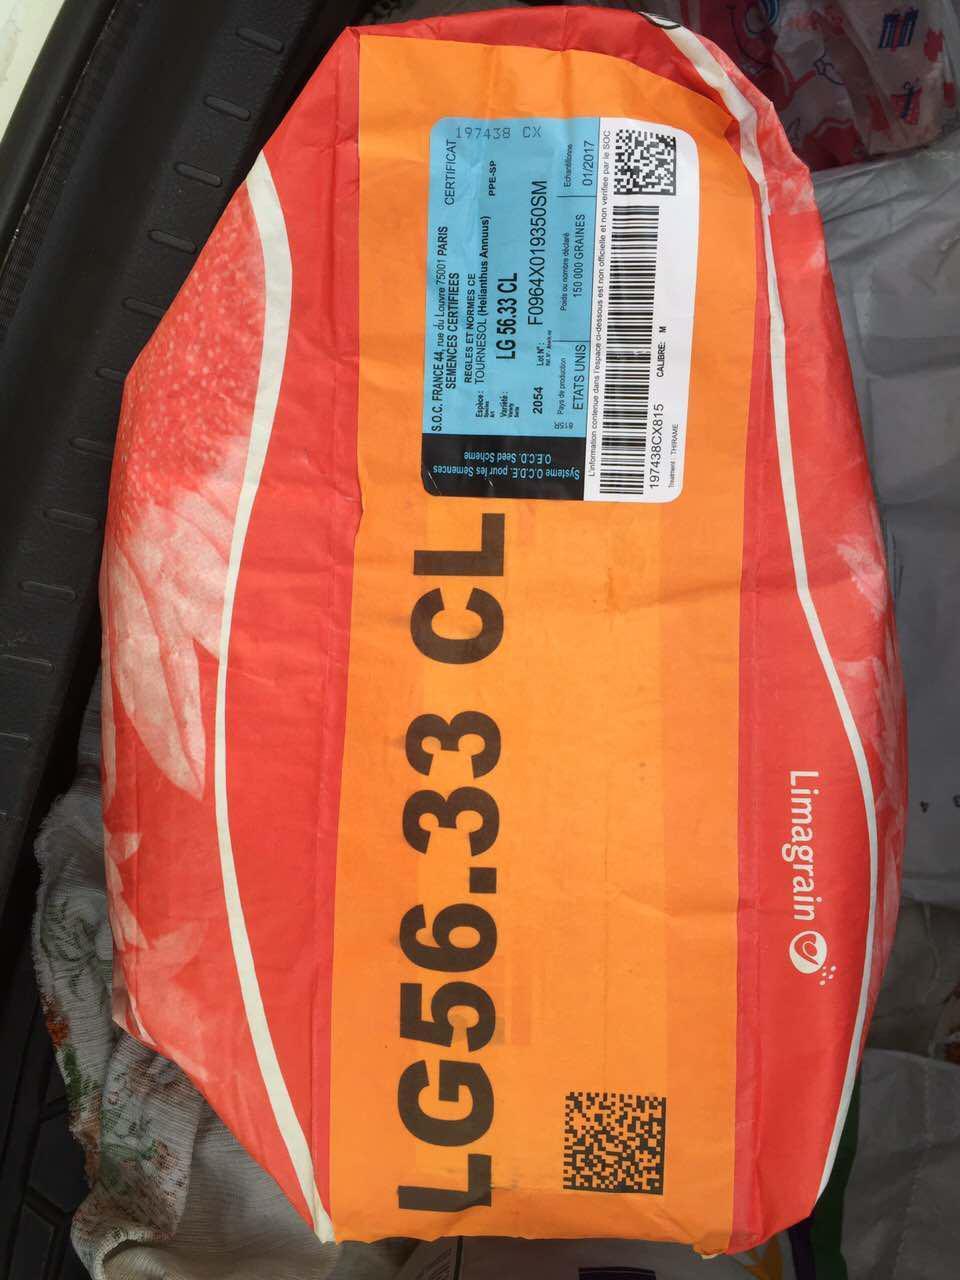 ЛГ 5633 CL Limagrain (Евро-Лайтнинг), семена подсолнечника LG 5633 CL Лимагрейн